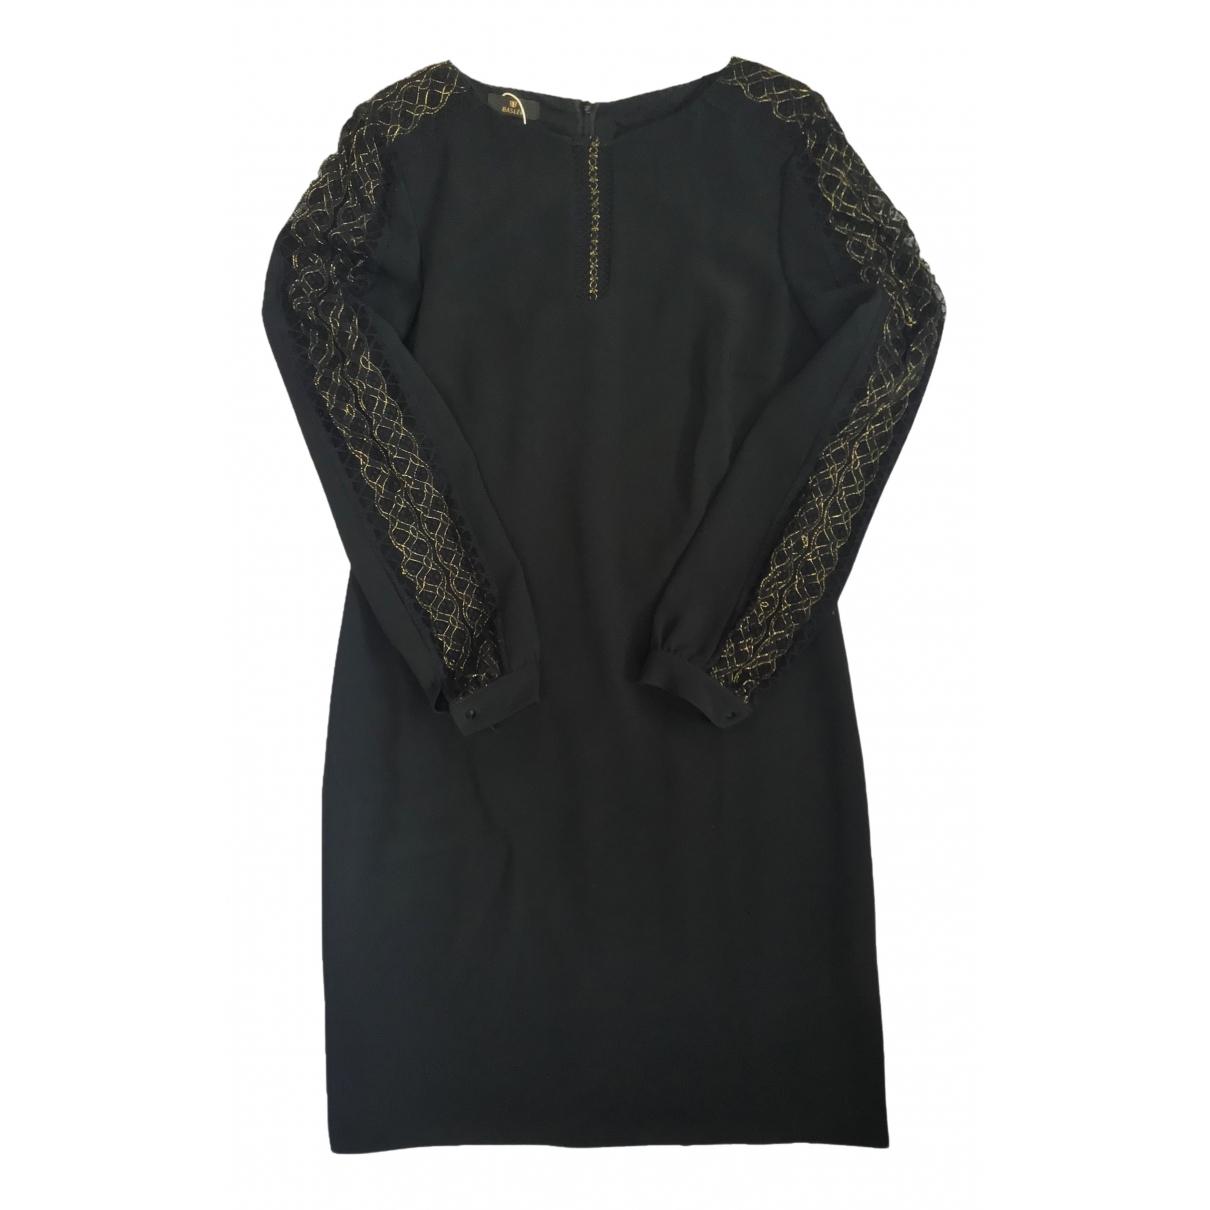 Basler \N Kleid in  Schwarz Polyester